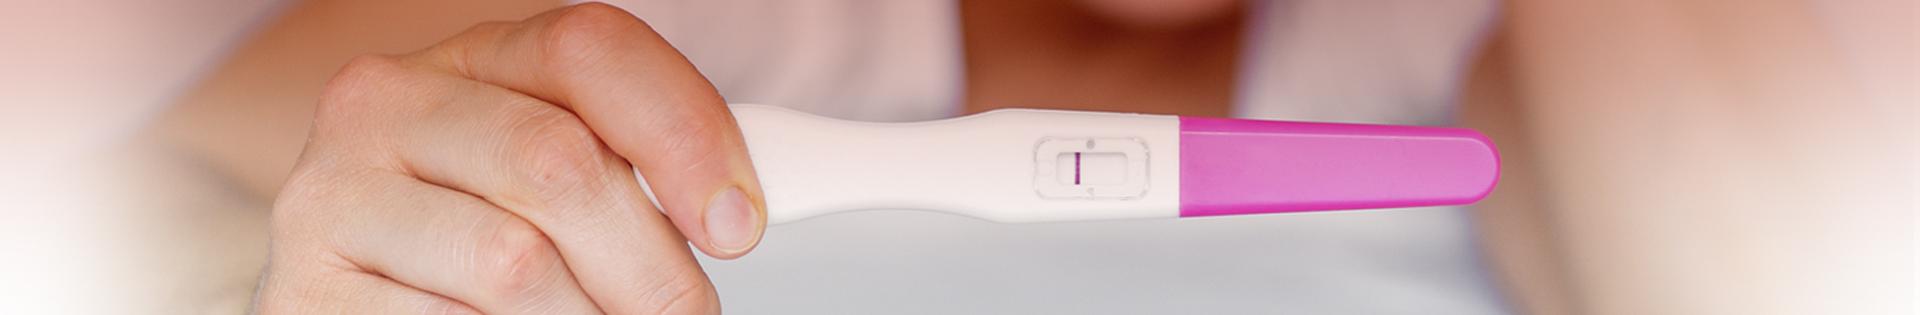 Pólipos endometriais e infertilidade: veja como isso acontece